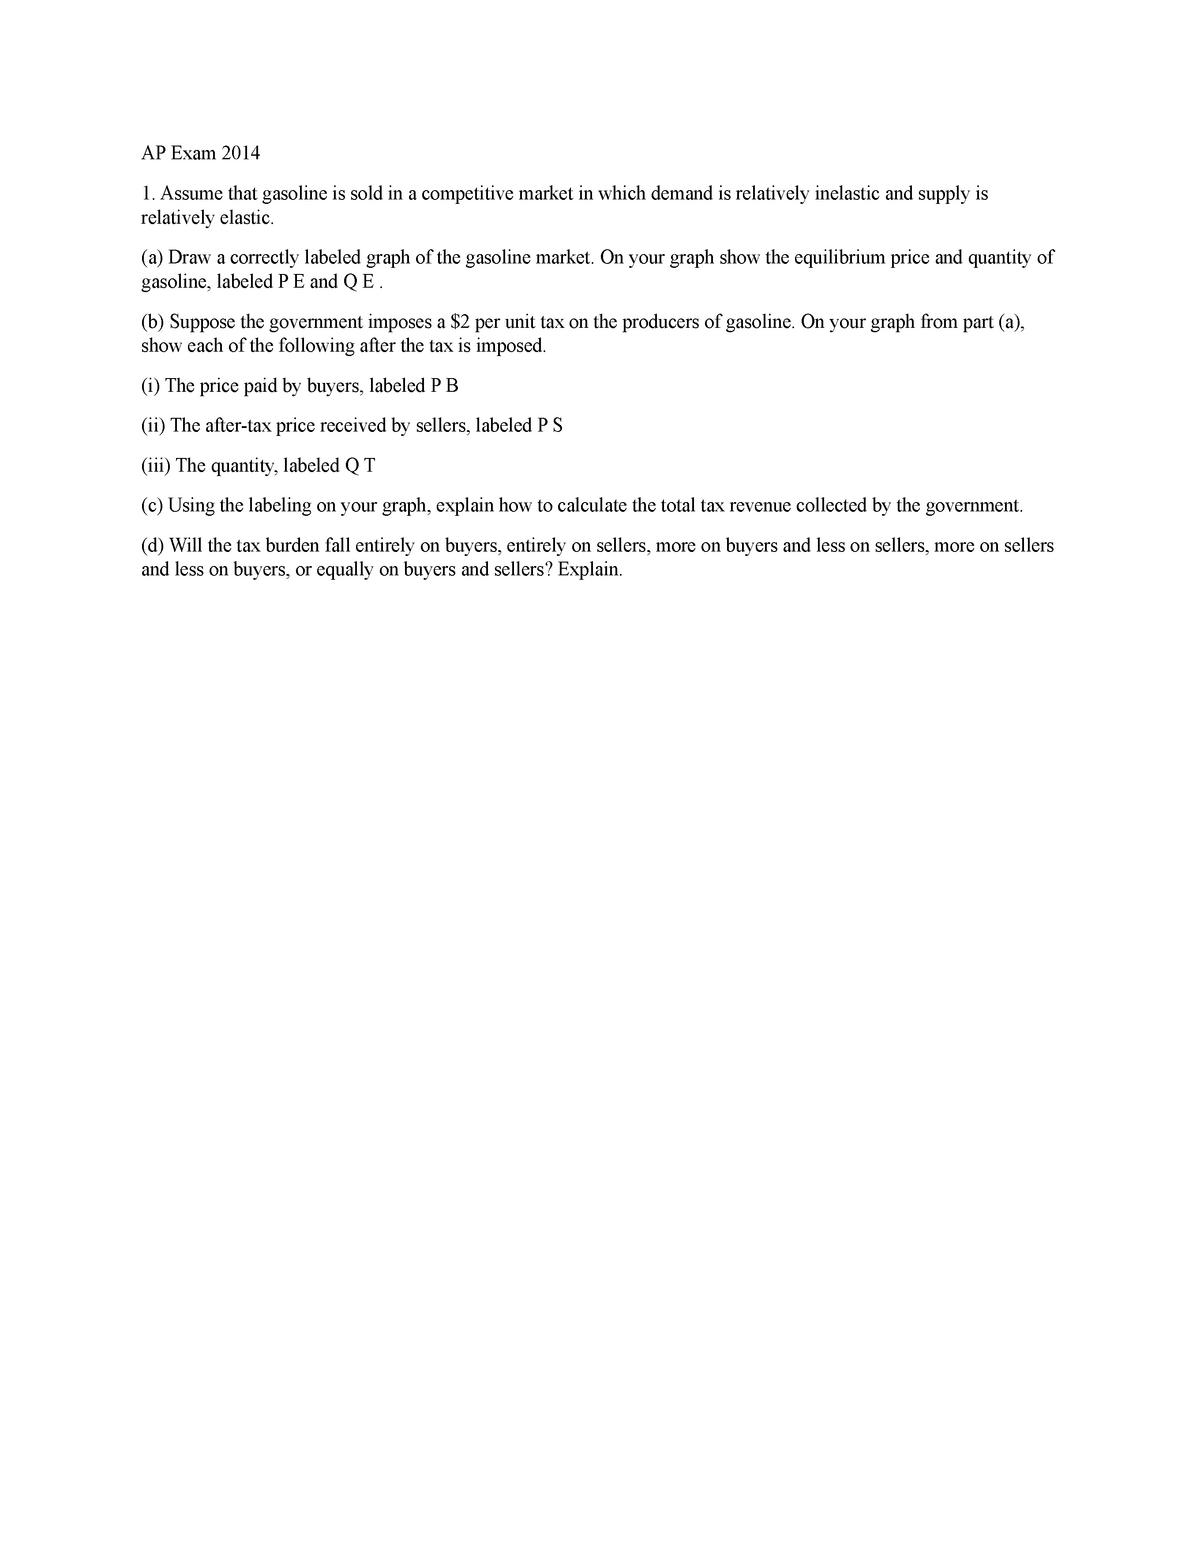 Consumer and producer surplus quiz - 302: Econ - StuDocu